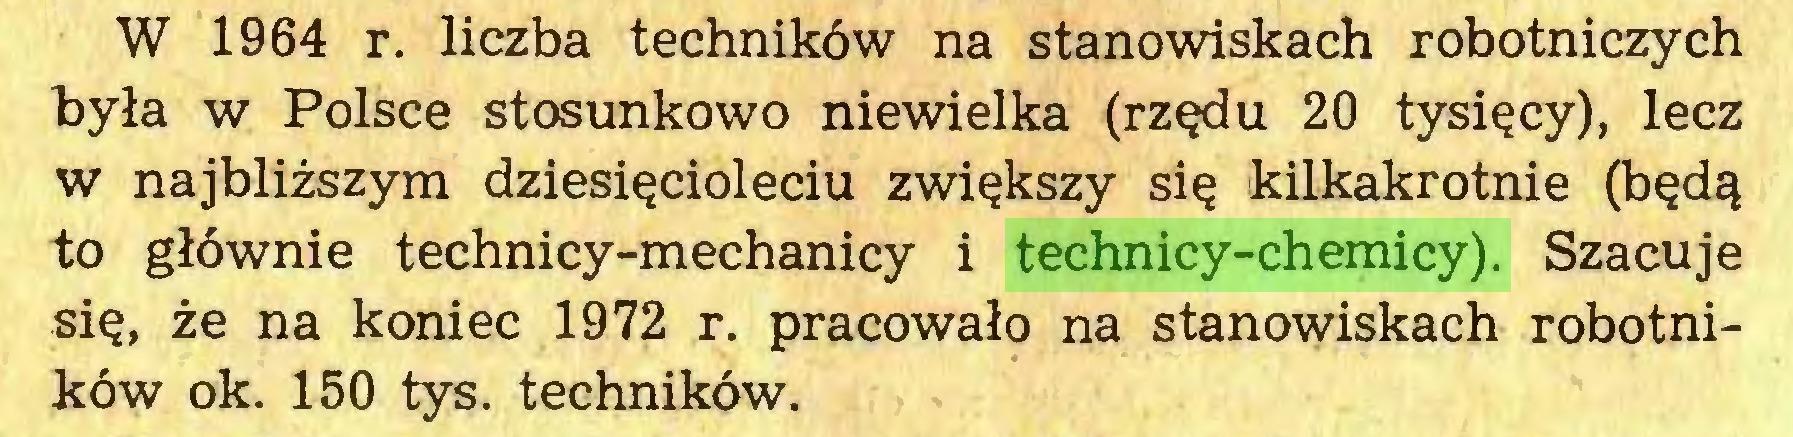 (...) W 1964 r. liczba techników na stanowiskach robotniczych była w Polsce stosunkowo niewielka (rzędu 20 tysięcy), lecz w najbliższym dziesięcioleciu zwiększy się kilkakrotnie (będą to głównie technicy-mechanicy i technicy-chemicy). Szacuje się, że na koniec 1972 r. pracowało na stanowiskach robotników ok. 150 tys. techników...